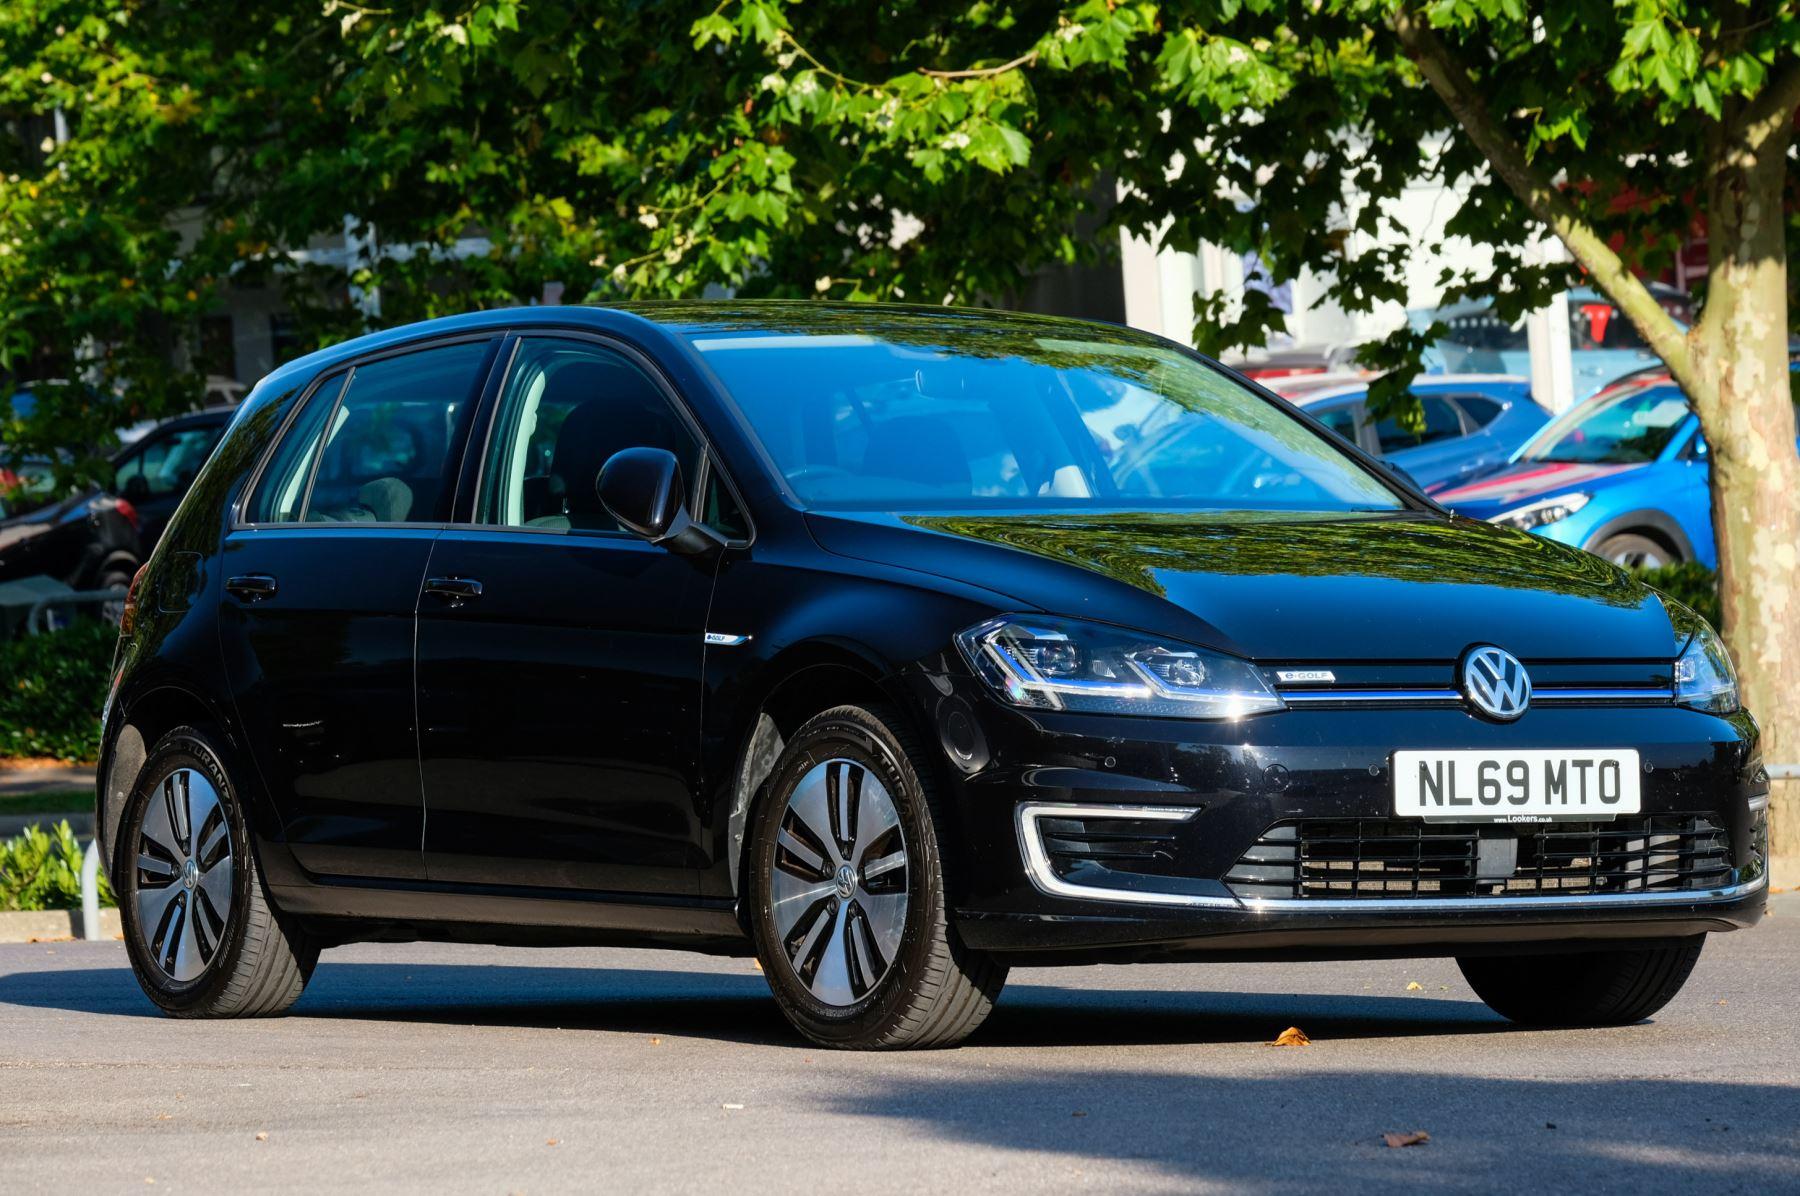 Volkswagen Golf 99kW e-Golf 35kWh Electric Automatic 5 door Hatchback (2019)